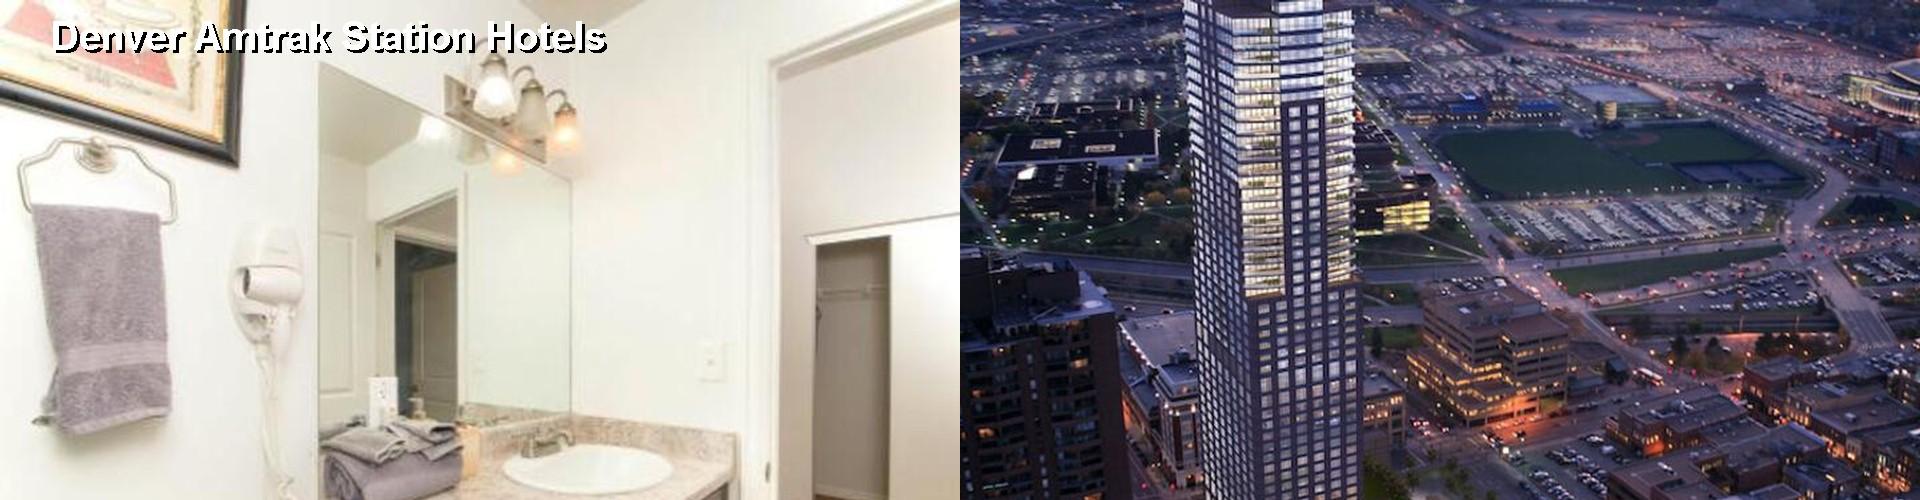 5 Best Hotels Near Denver Amtrak Station